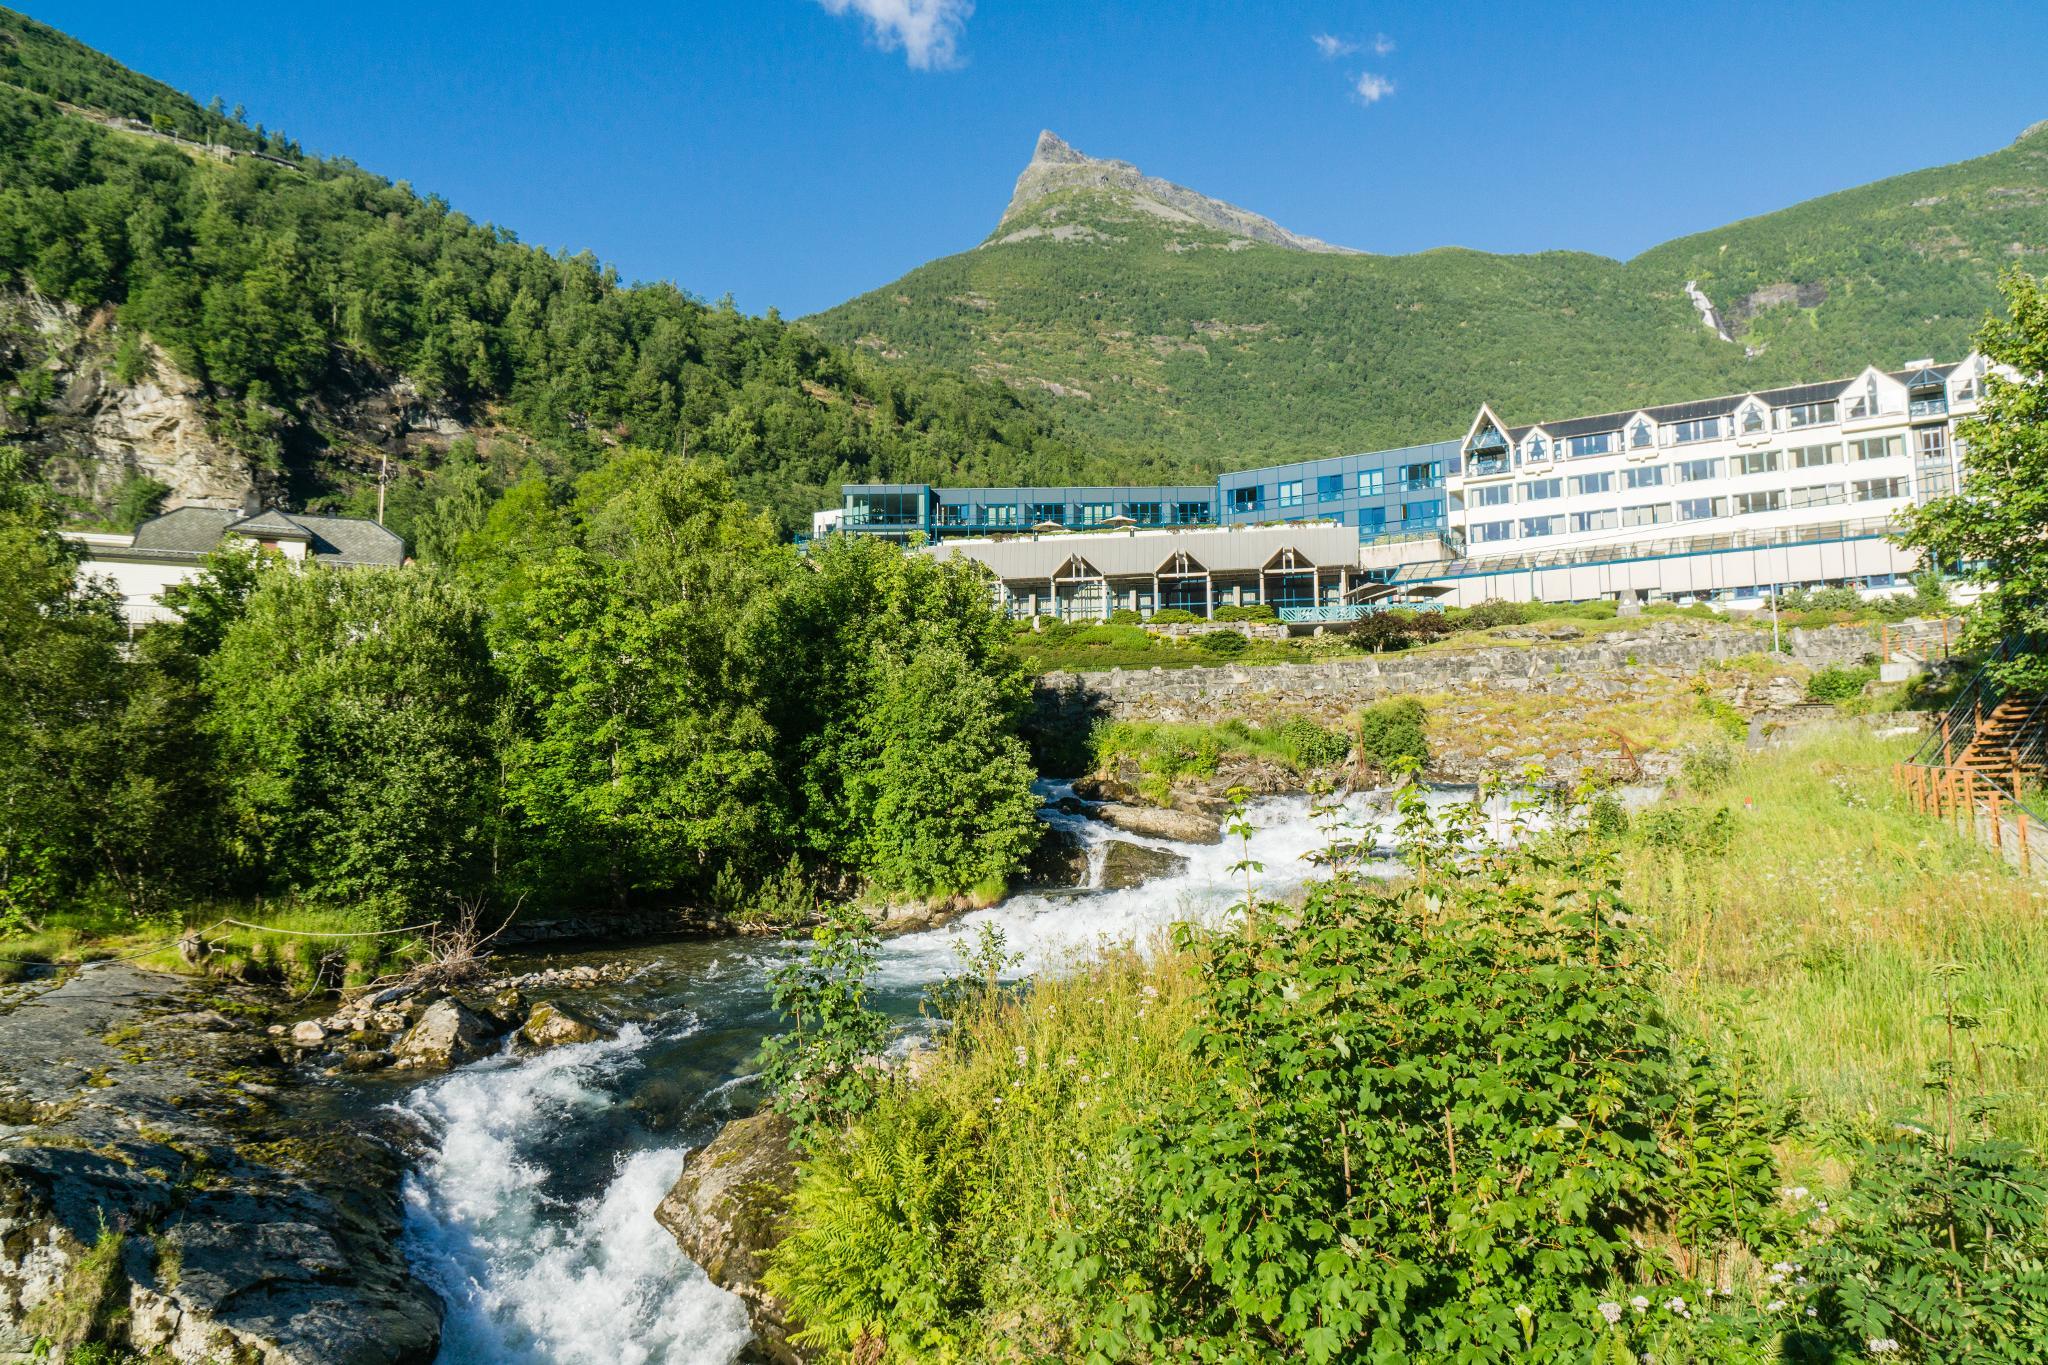 【北歐景點】Ørnesvingen 老鷹之路 ∣ 挪威世界遺產 — 蓋倫格峽灣景點總整理 31